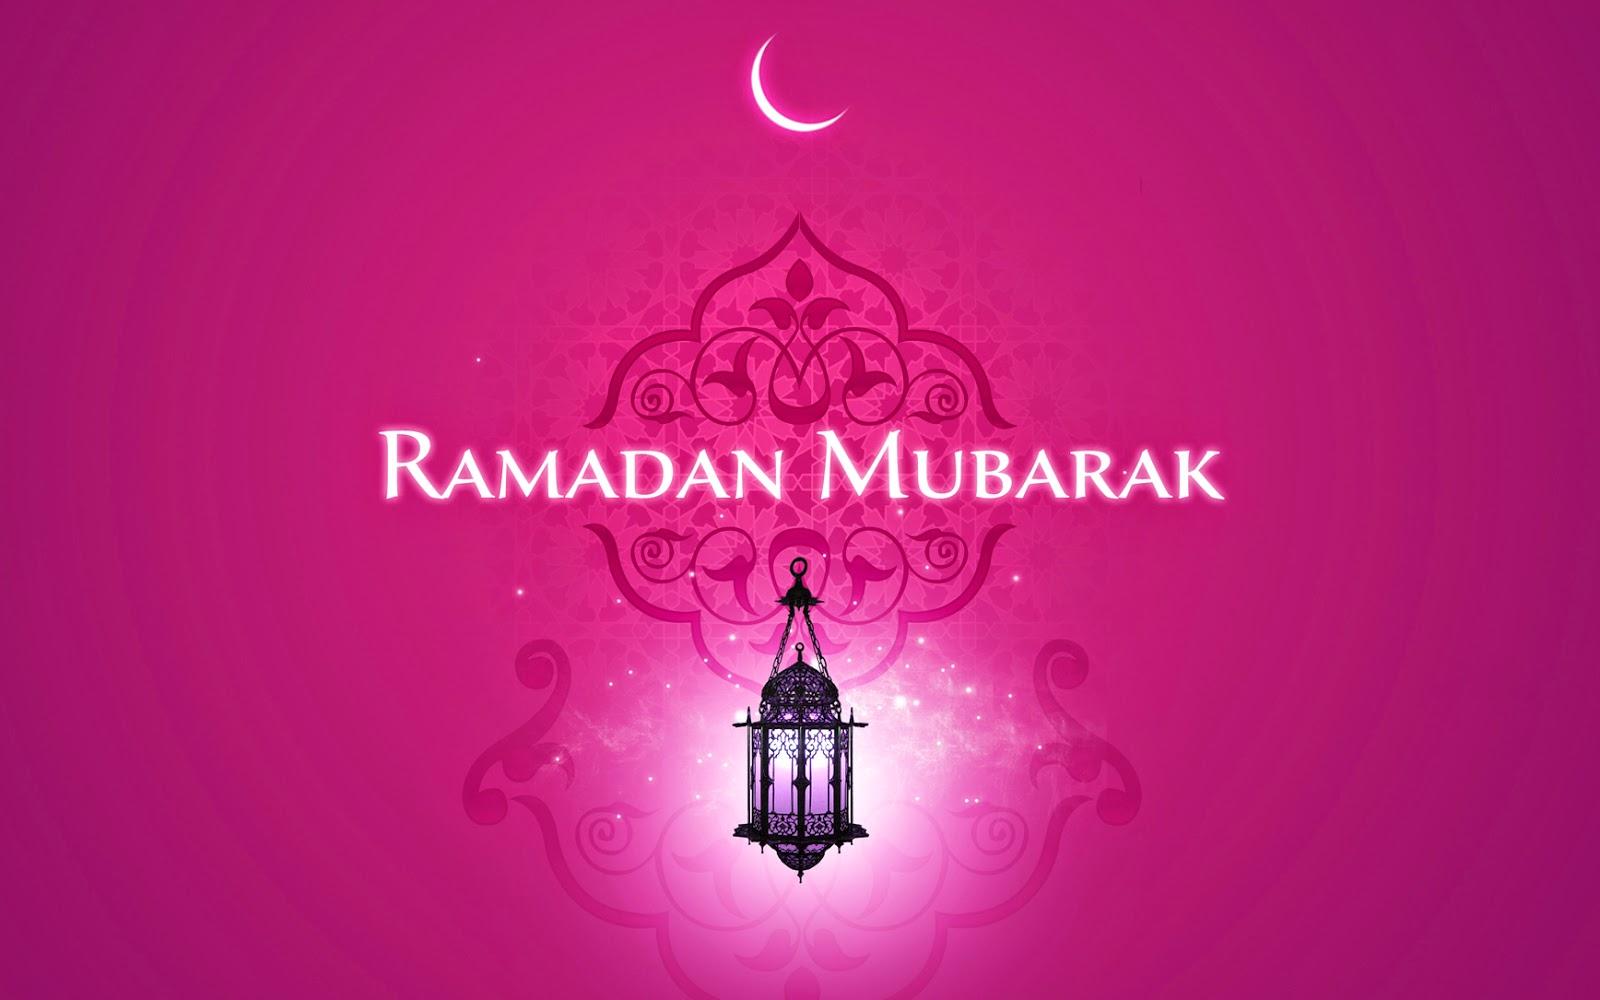 61 Ramadan Mubarak Greetings And Pictures